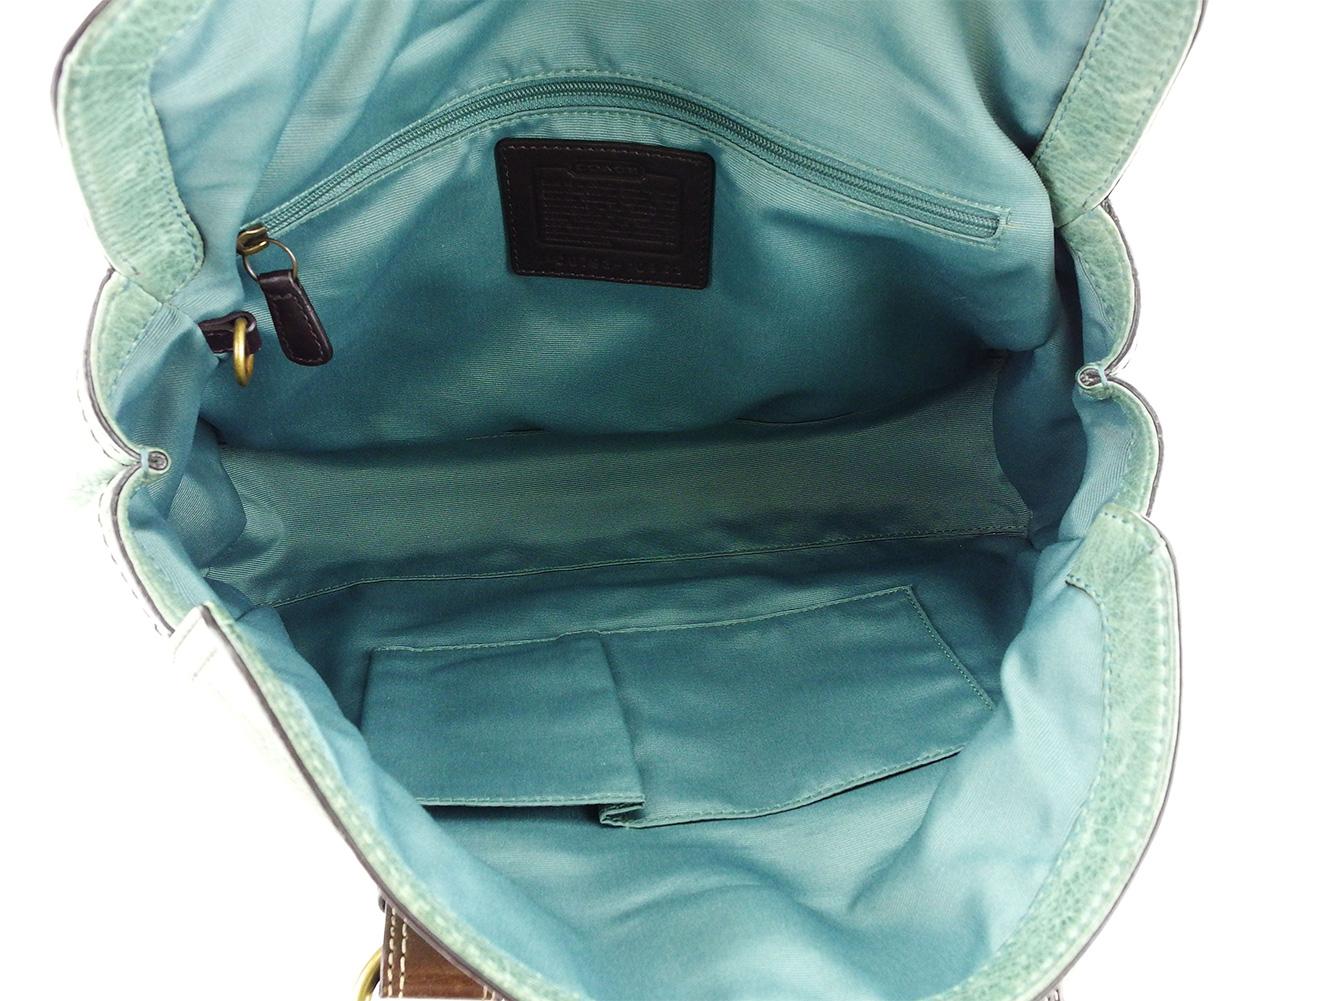 ファッションセール10 オフコーチ ハンドバッグ バッグ ターコイズブルー×ブラウン レザー COACH バック 手持ちバッグ ファッション ブランド ブランドバッグ 収納 人気 贈り物 迅速発送 在庫処分 男性 女性 良品 夏 1点物 A1672EDH9W2I